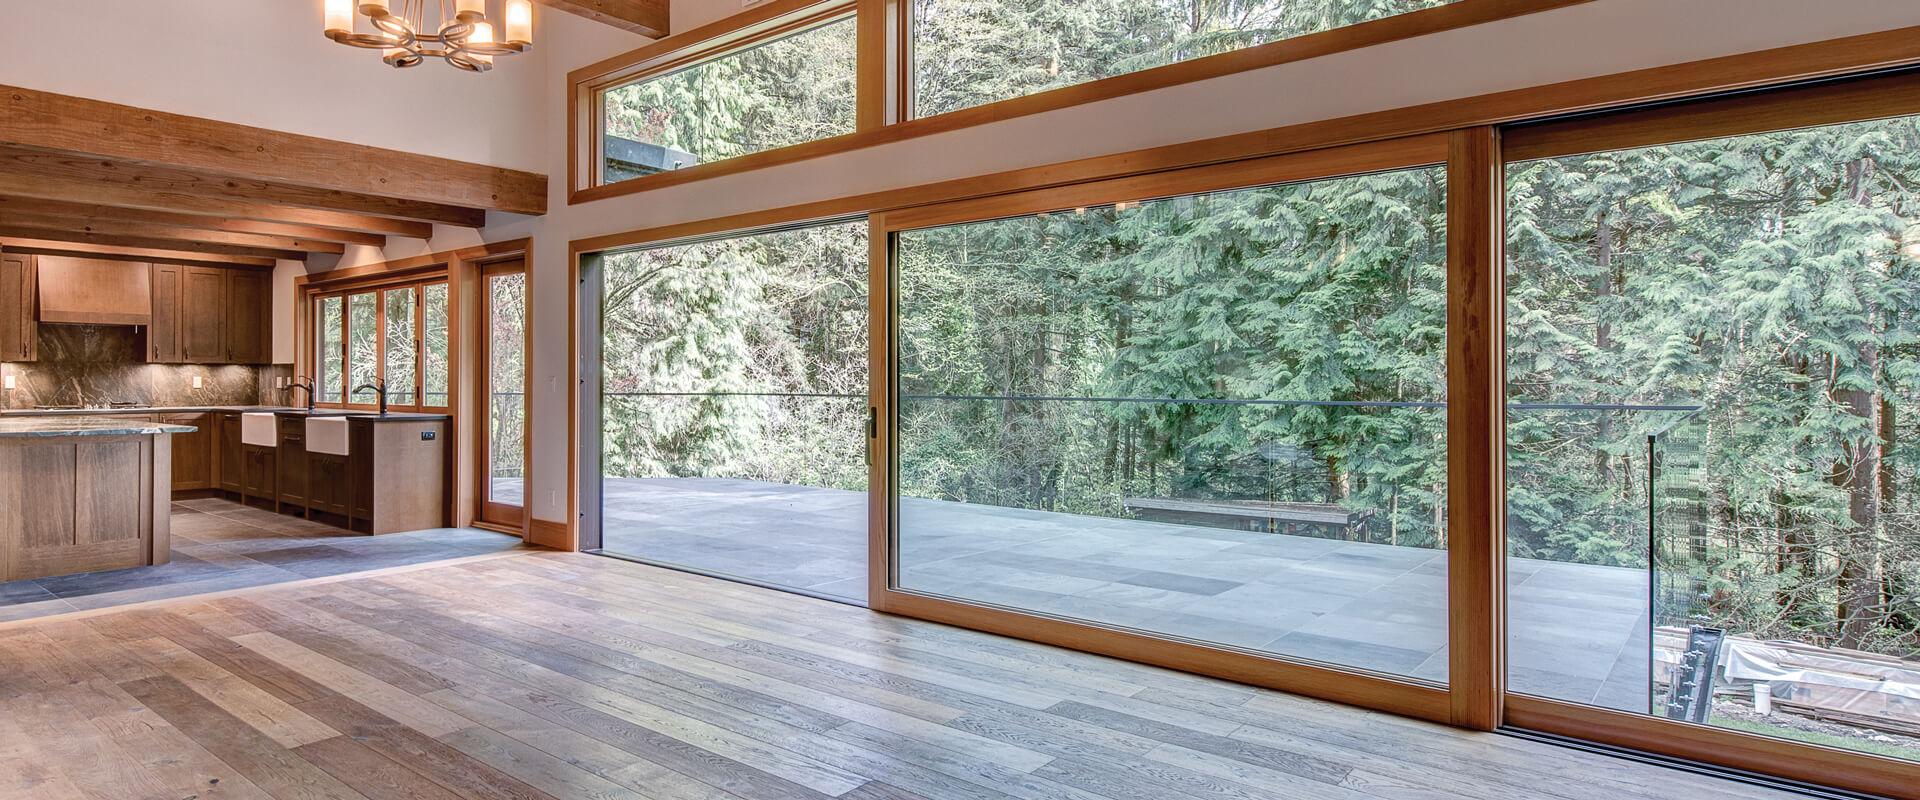 Lift and slide patio door hardware sliding door designs for Lift and slide doors cost